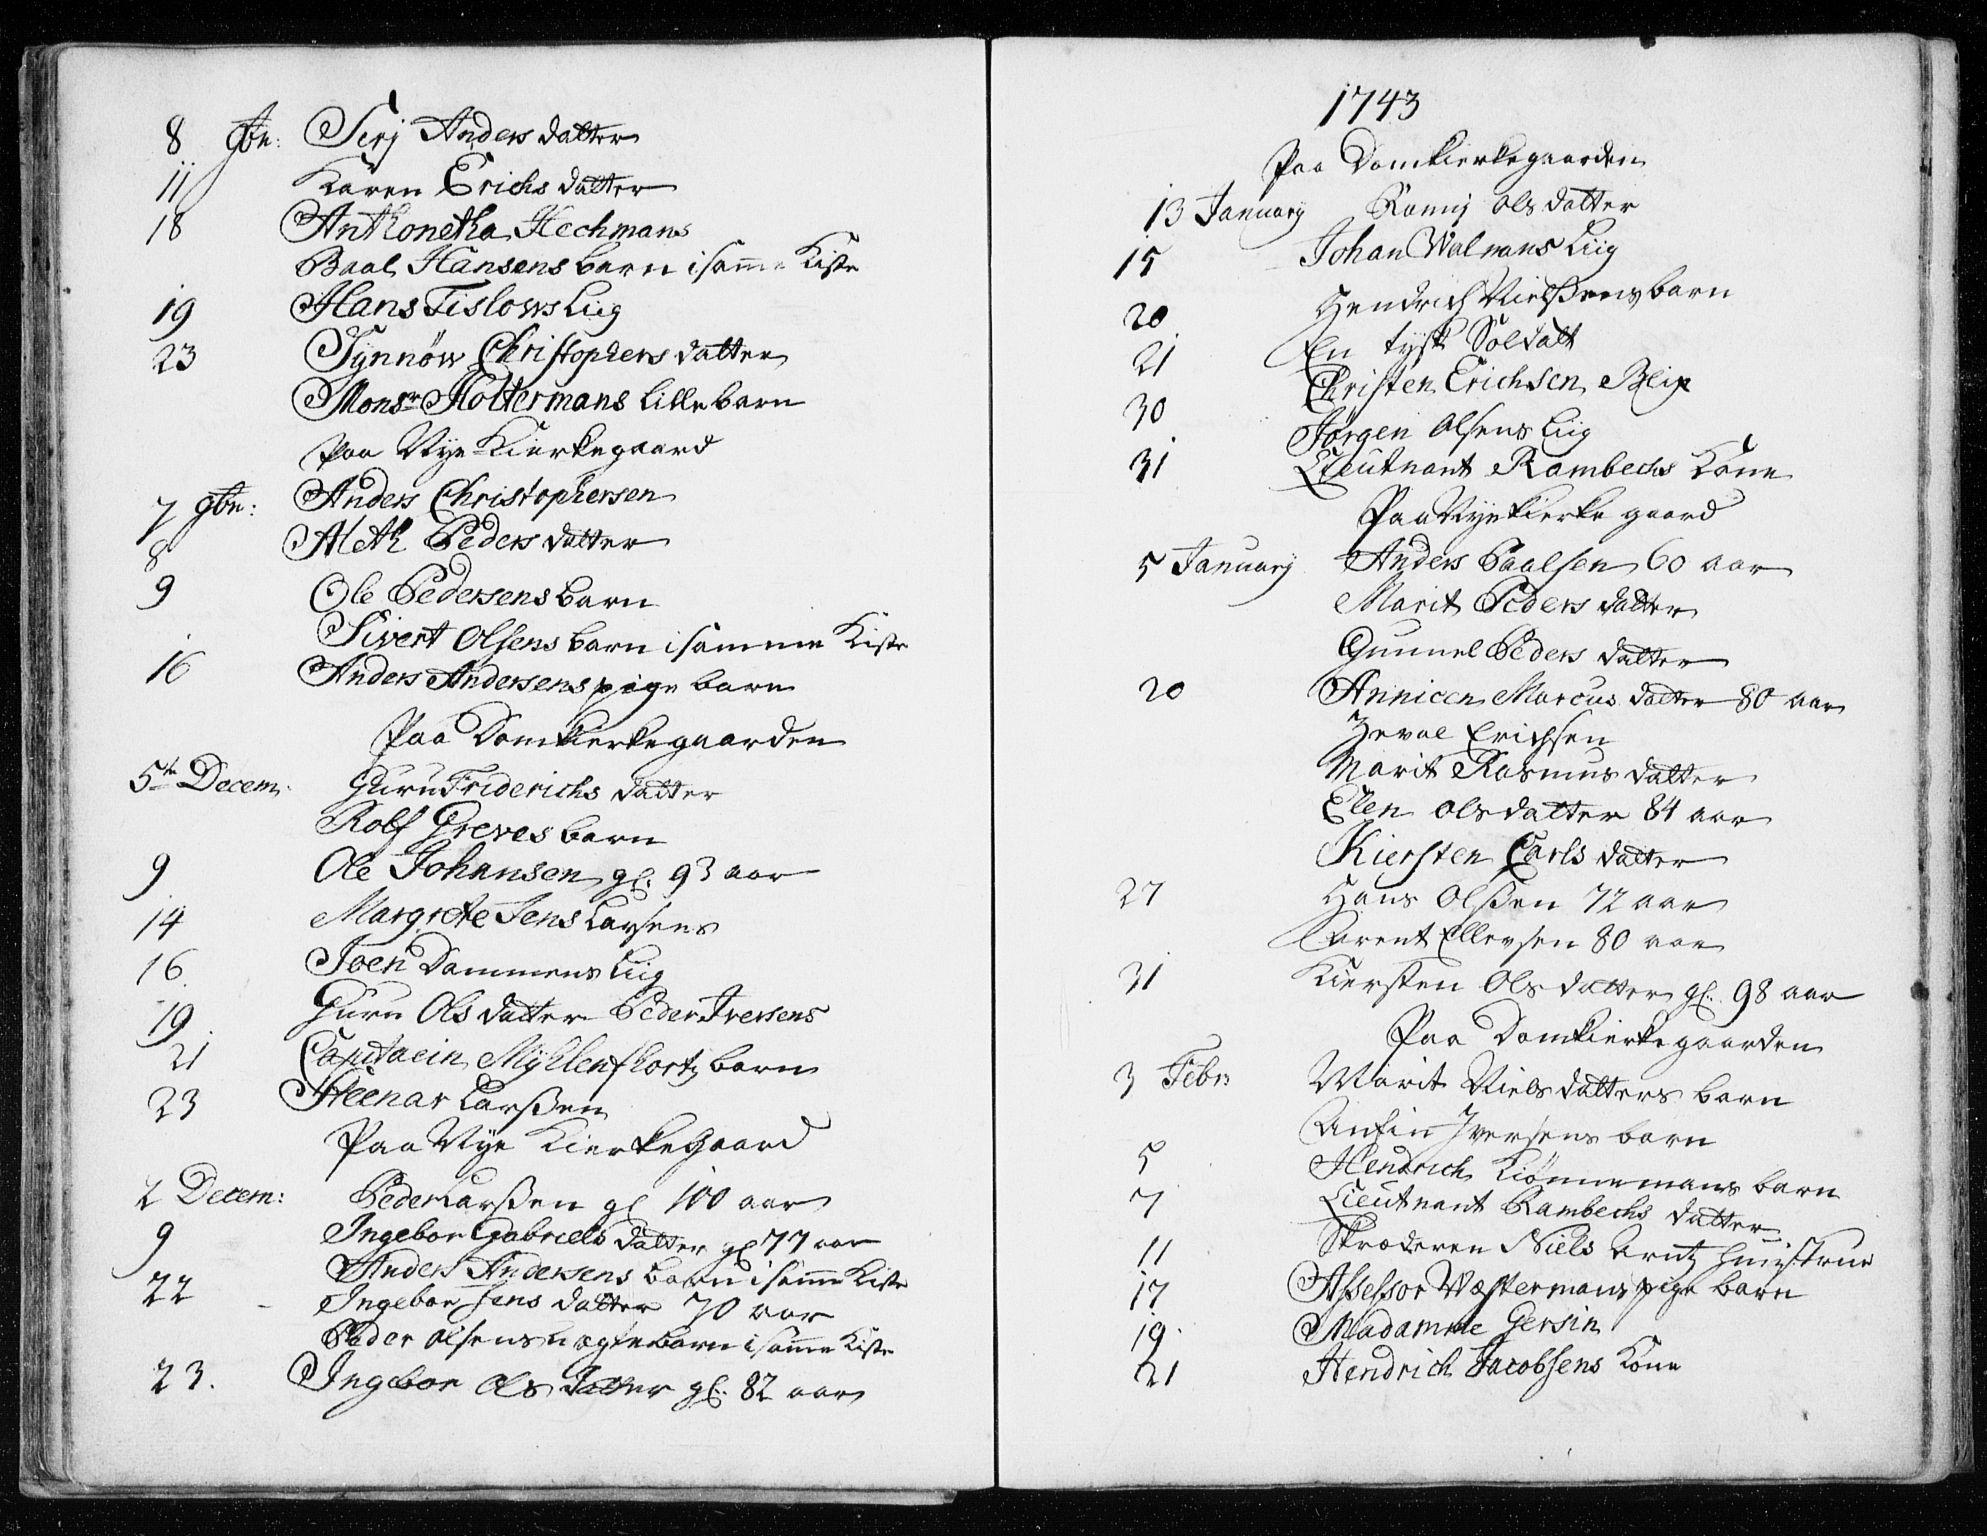 SAT, Ministerialprotokoller, klokkerbøker og fødselsregistre - Sør-Trøndelag, 601/L0037: Ministerialbok nr. 601A05, 1729-1761